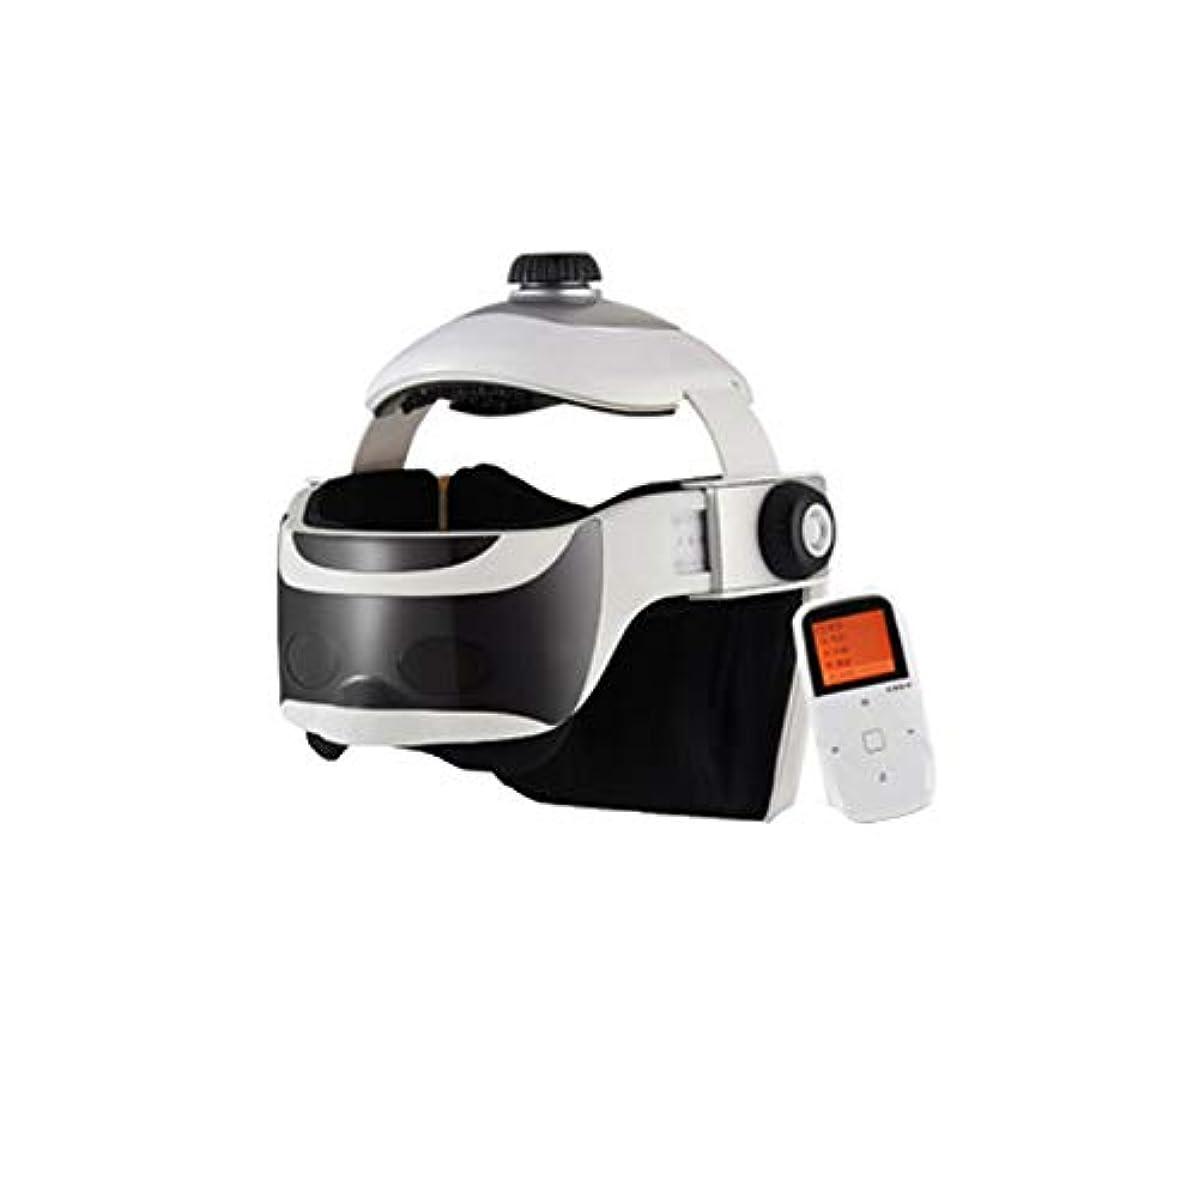 倫理レンダー恐怖症マッサージャー - マッサージャーホーム練り頭皮マッサージヘルメット (色 : Wireless version)